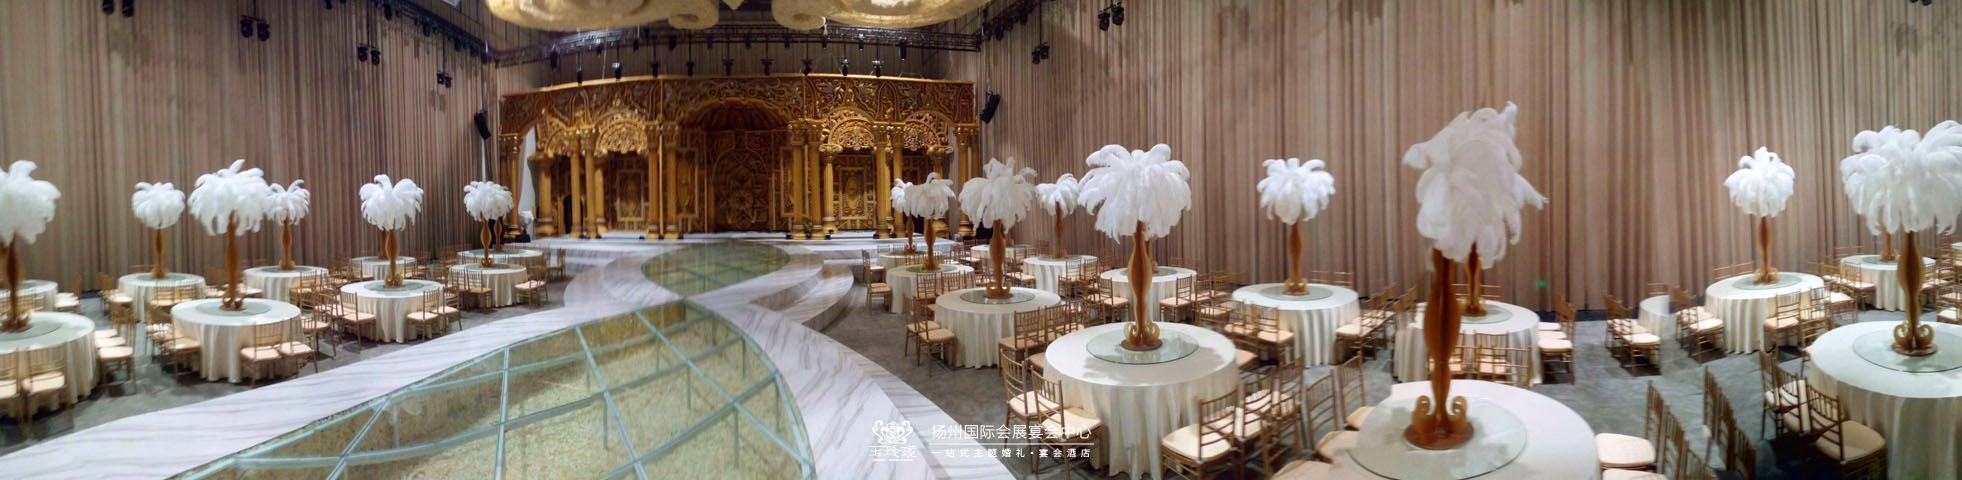 扬州一站式婚礼